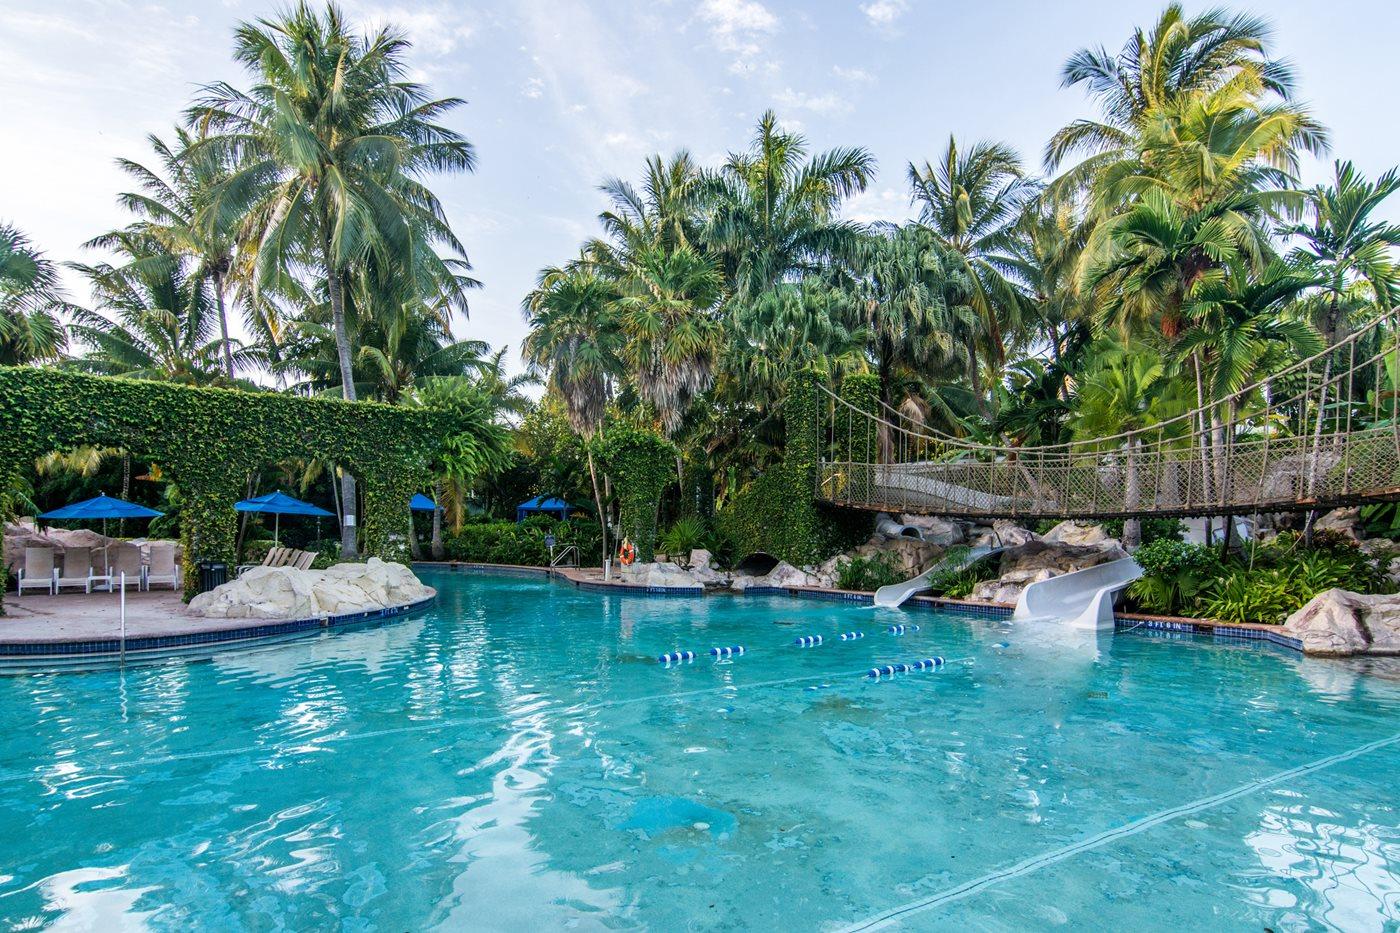 Parmi les piscines du Hilton Rose Hall, la piscine luxuriante va vous épater